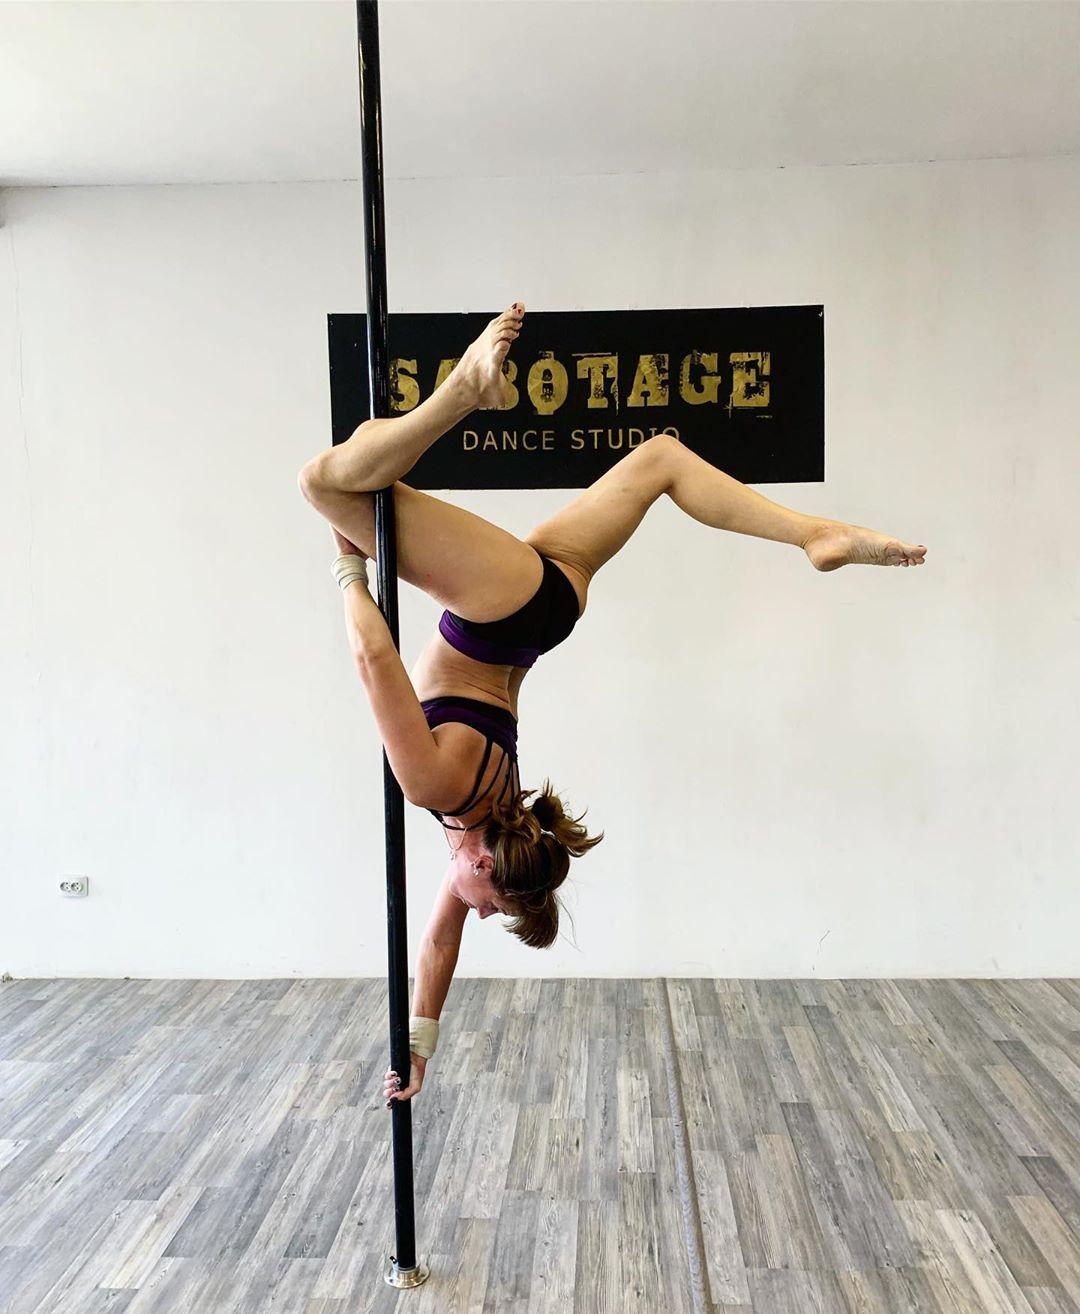 Утра бодрого😃 Славного денёчка 🙌 Сегодня по расписанию: 🦋15:00 Pole Dance (НАСТЯ) 🦋16:00 Strip Plast...